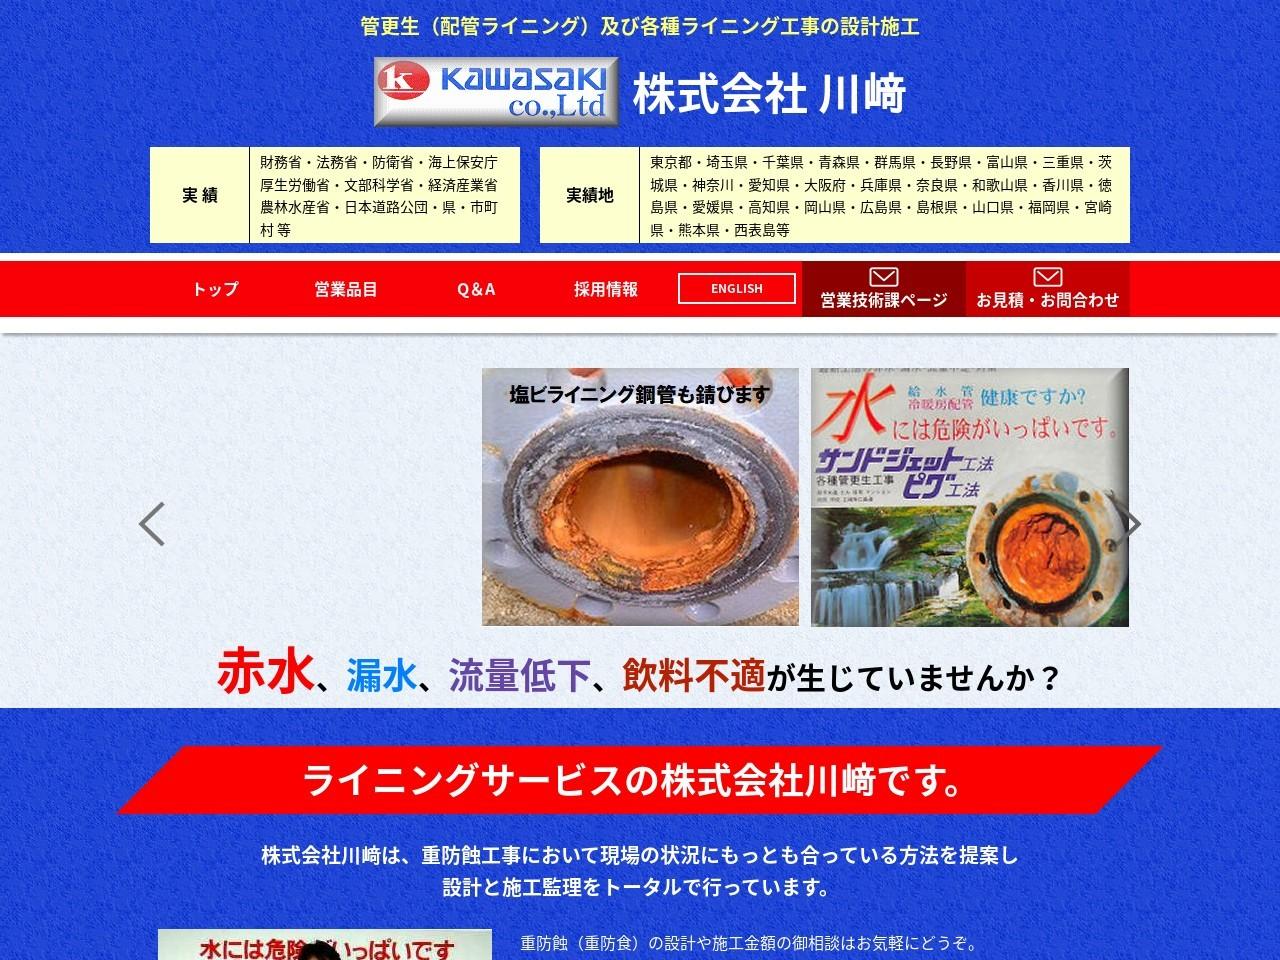 株式会社川崎